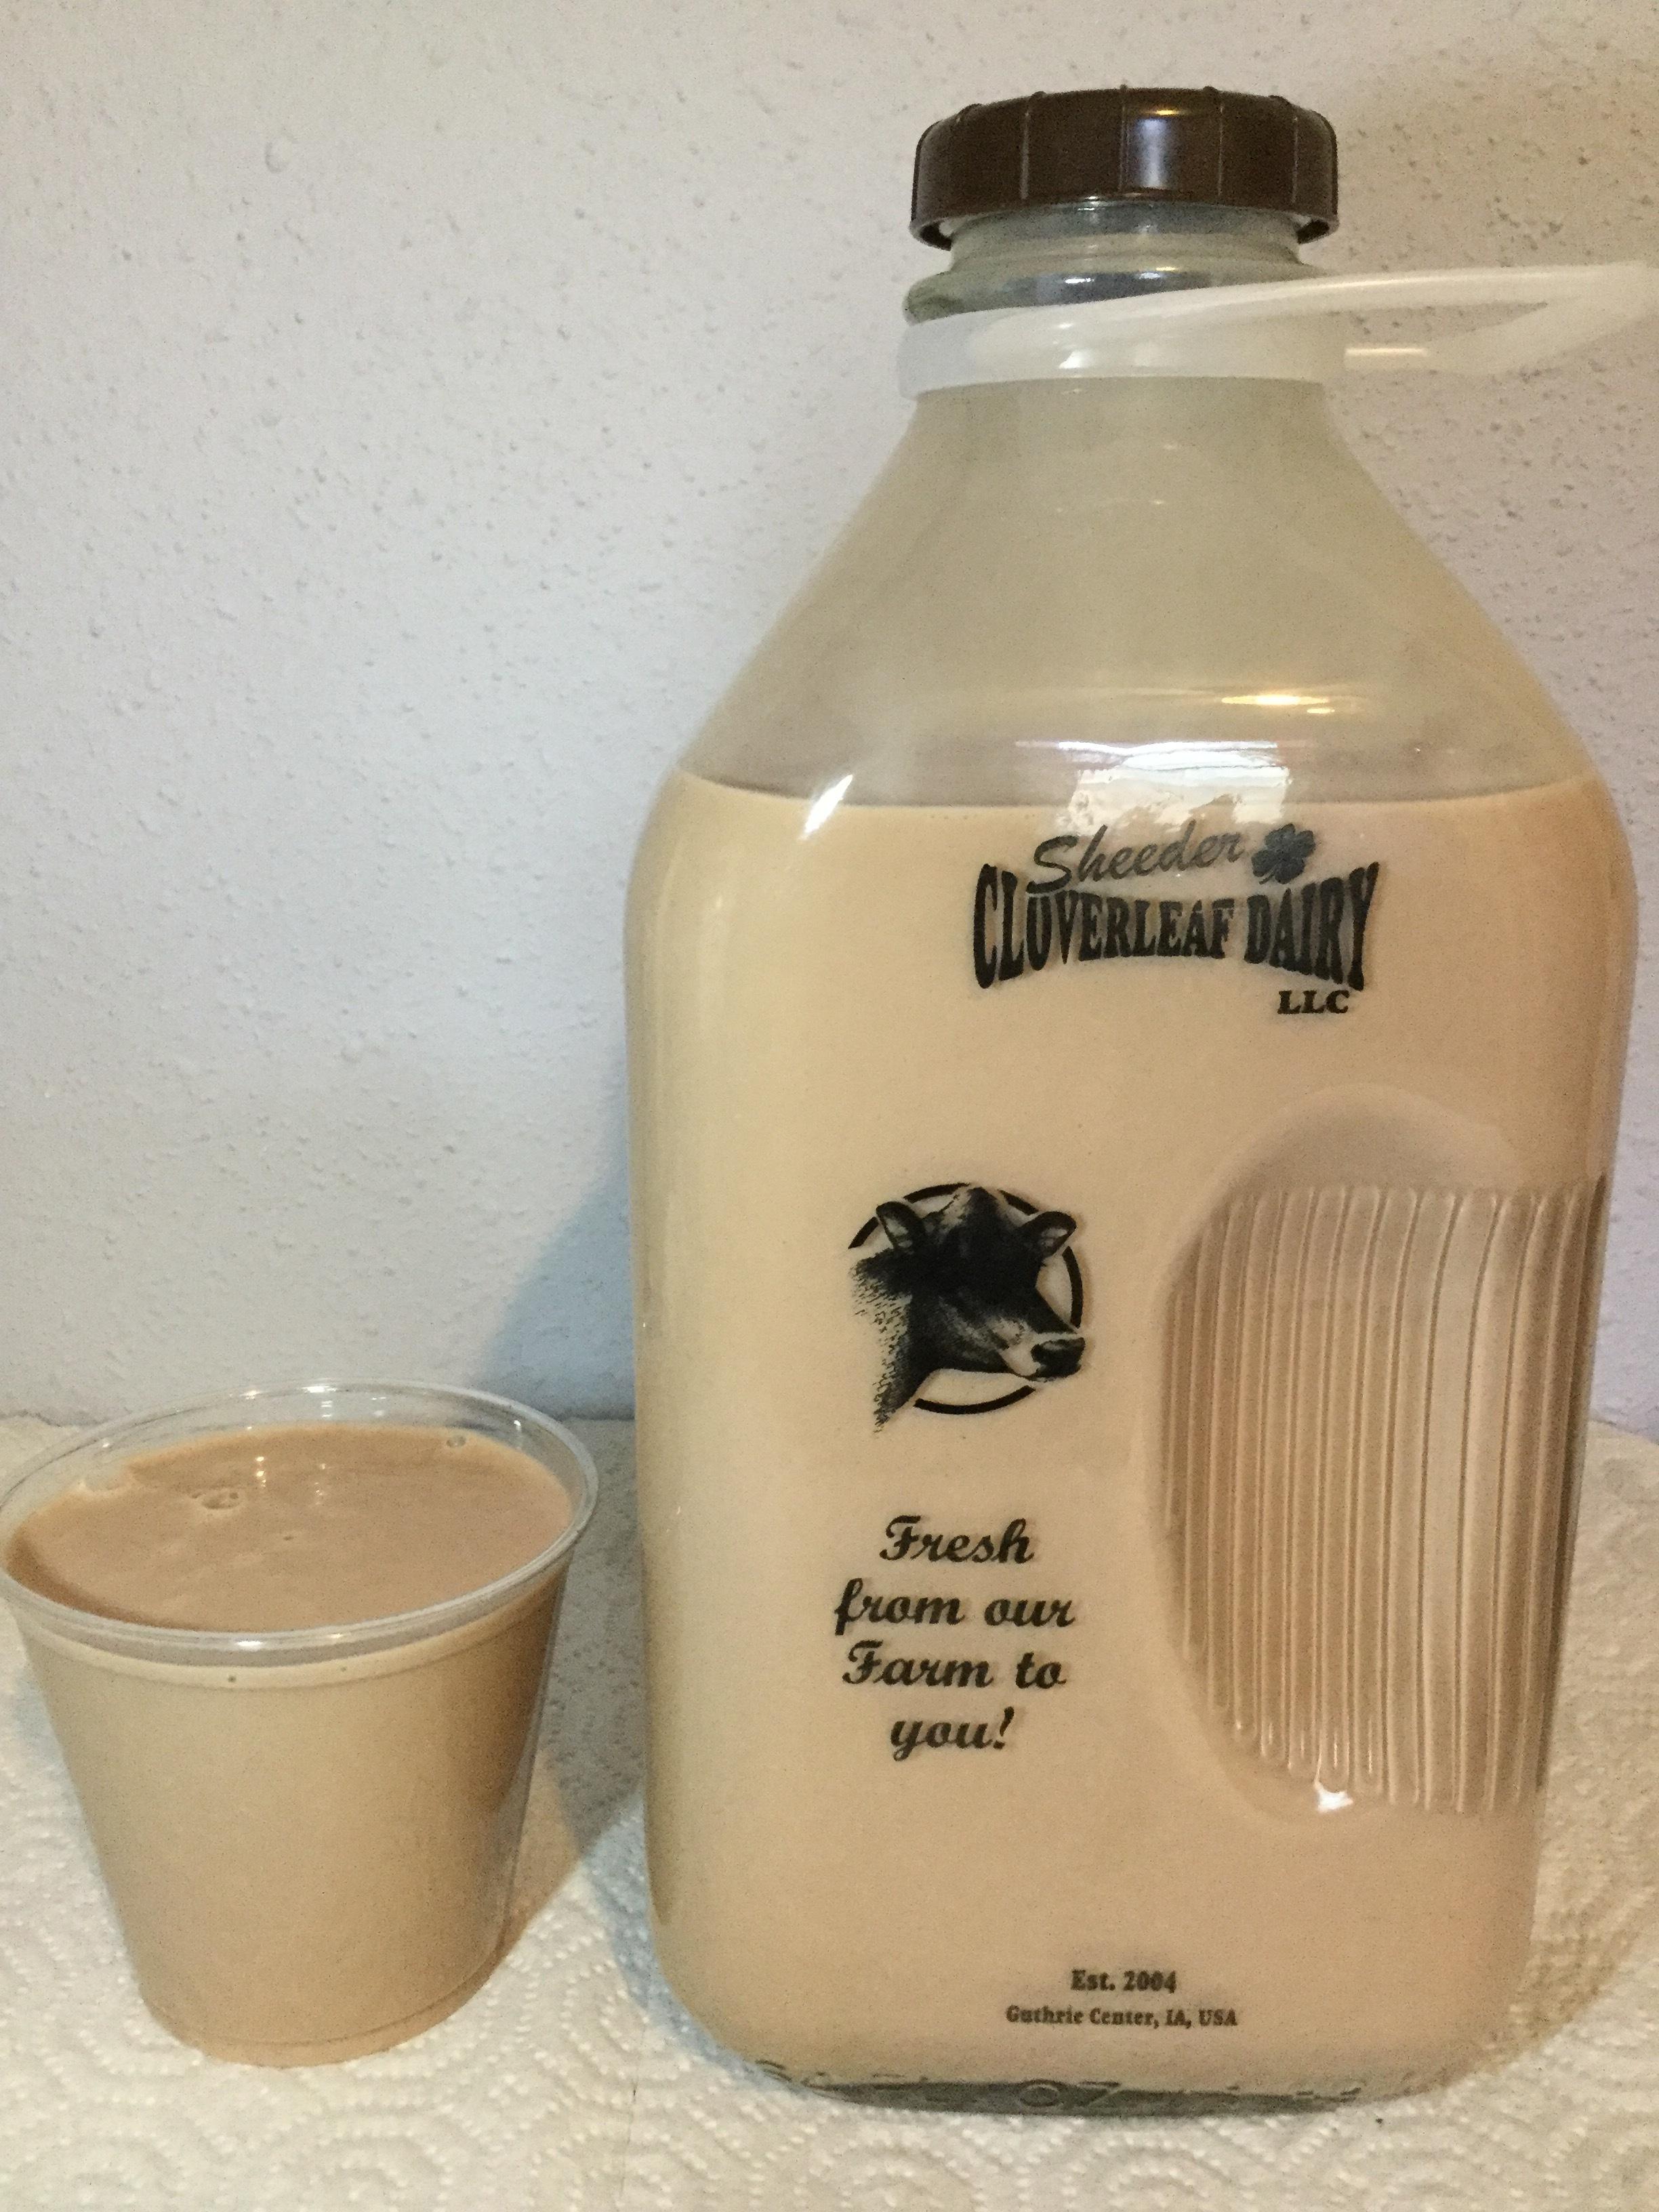 Sheeder Cloverleaf Dairy Chocolate Milk Cup